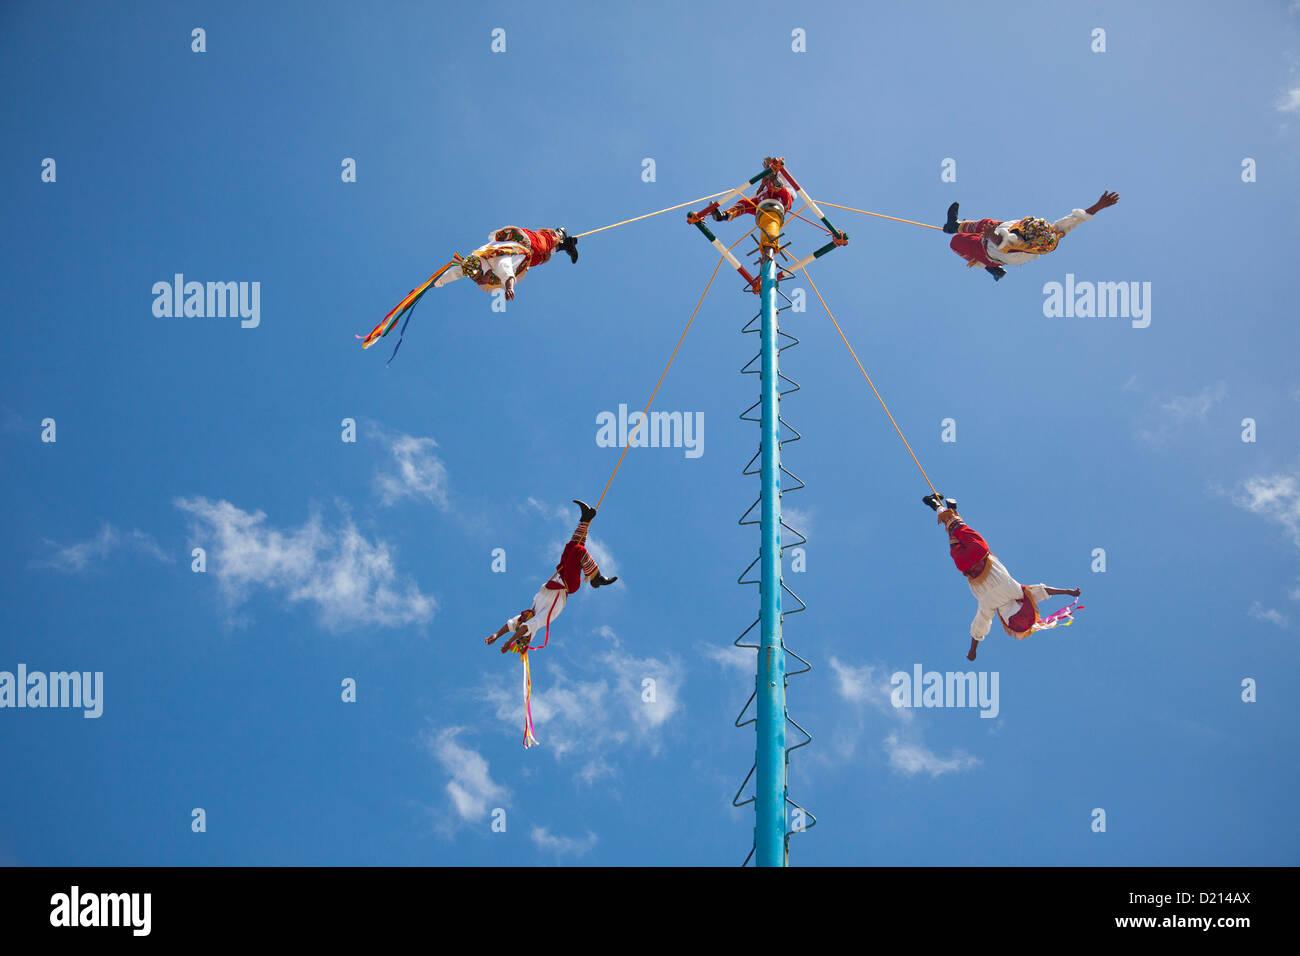 La Danza de los voladores, la danza de los voladores, o Palo volador, Pole volando, es una antigua ceremonia Mesoamericana Imagen De Stock